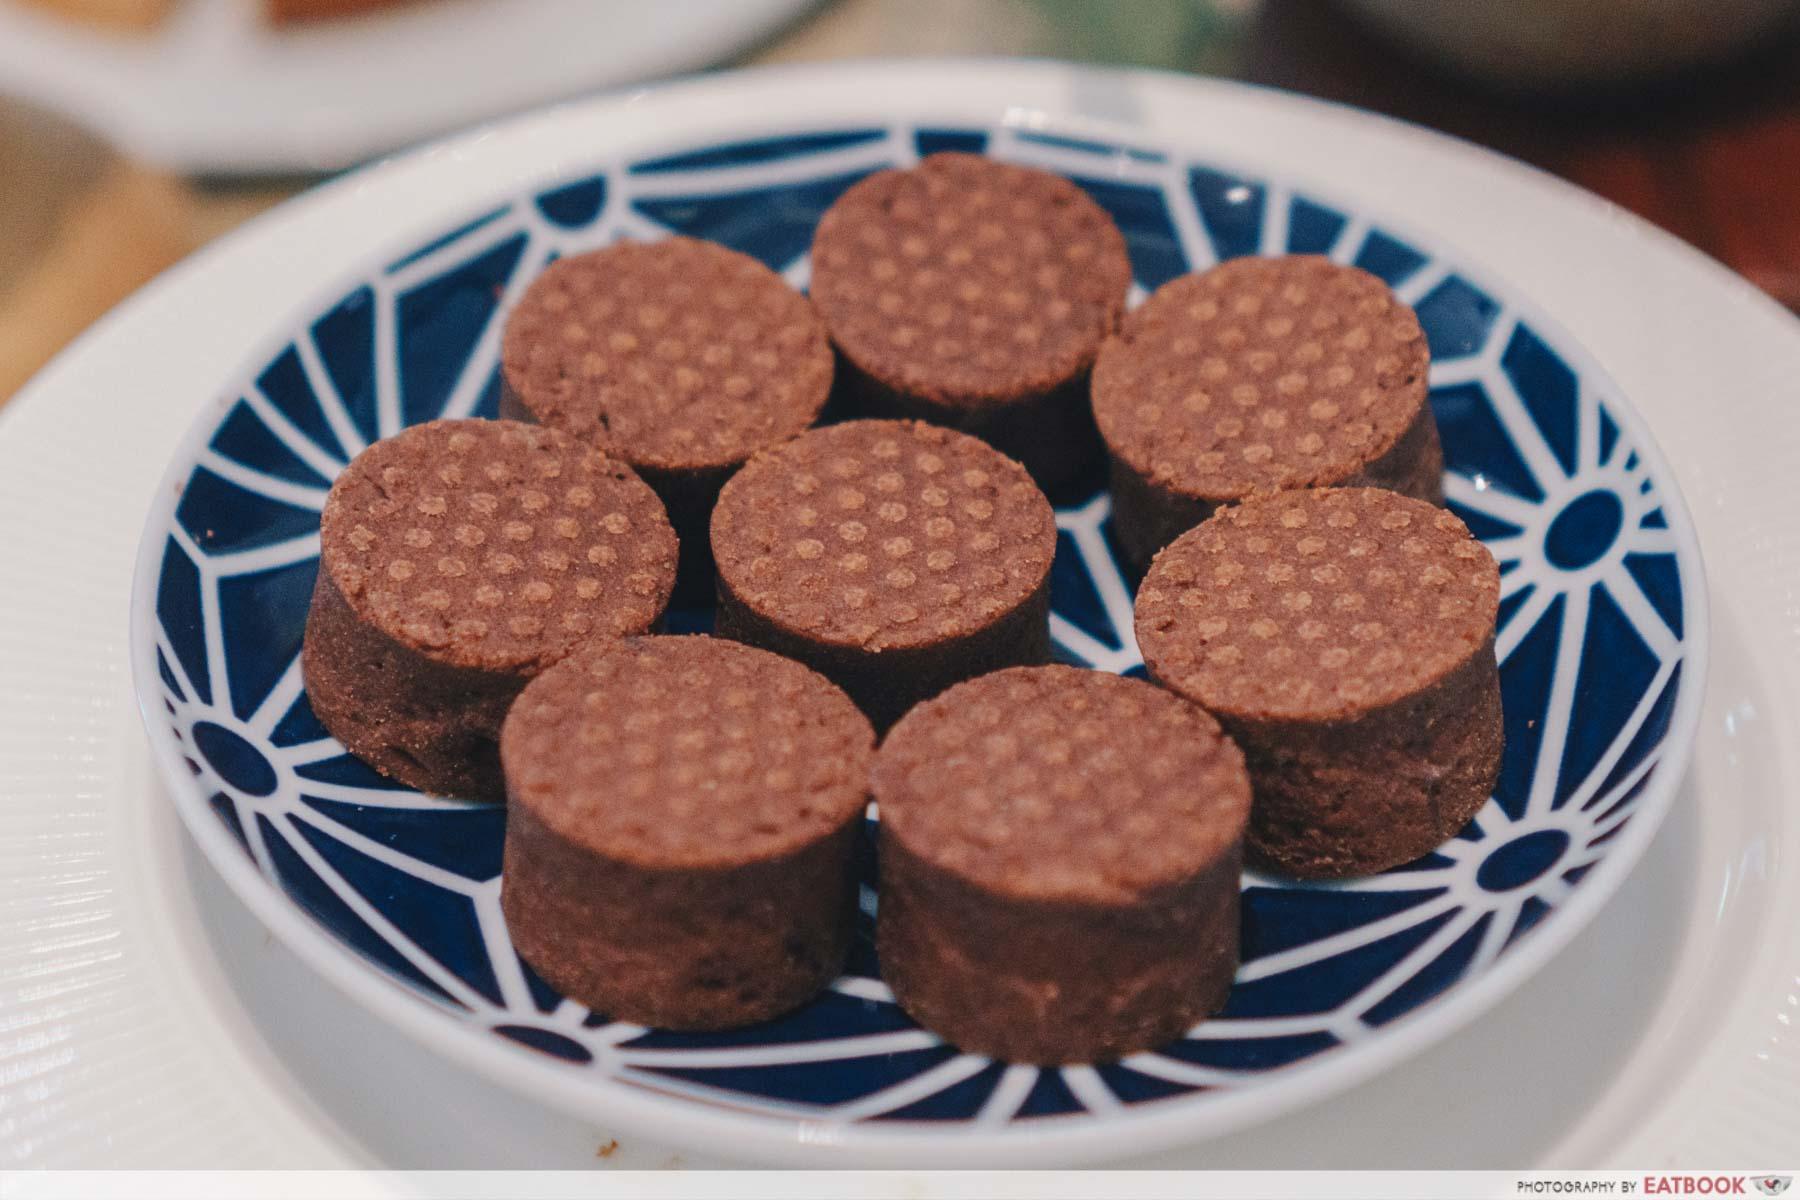 matcha dessert buffet chocolate tart